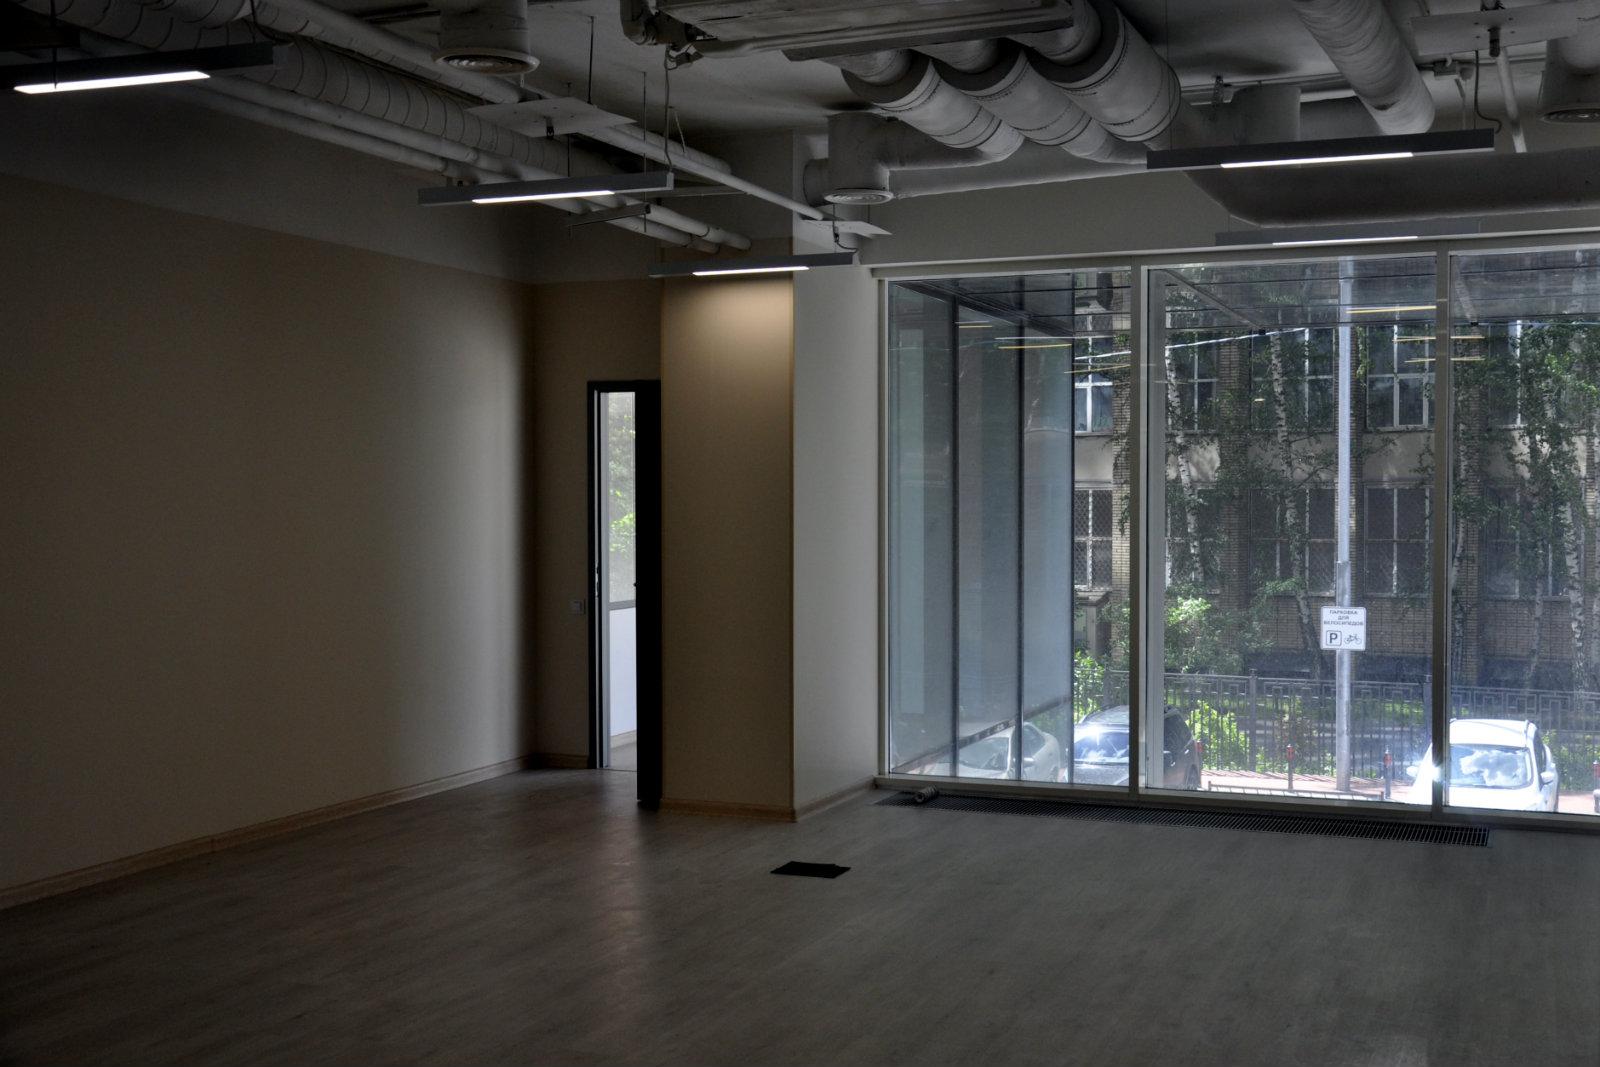 Аренда офиса класса в 70 метров продажа коммерческой недвижимости в чаплыгине липецкой